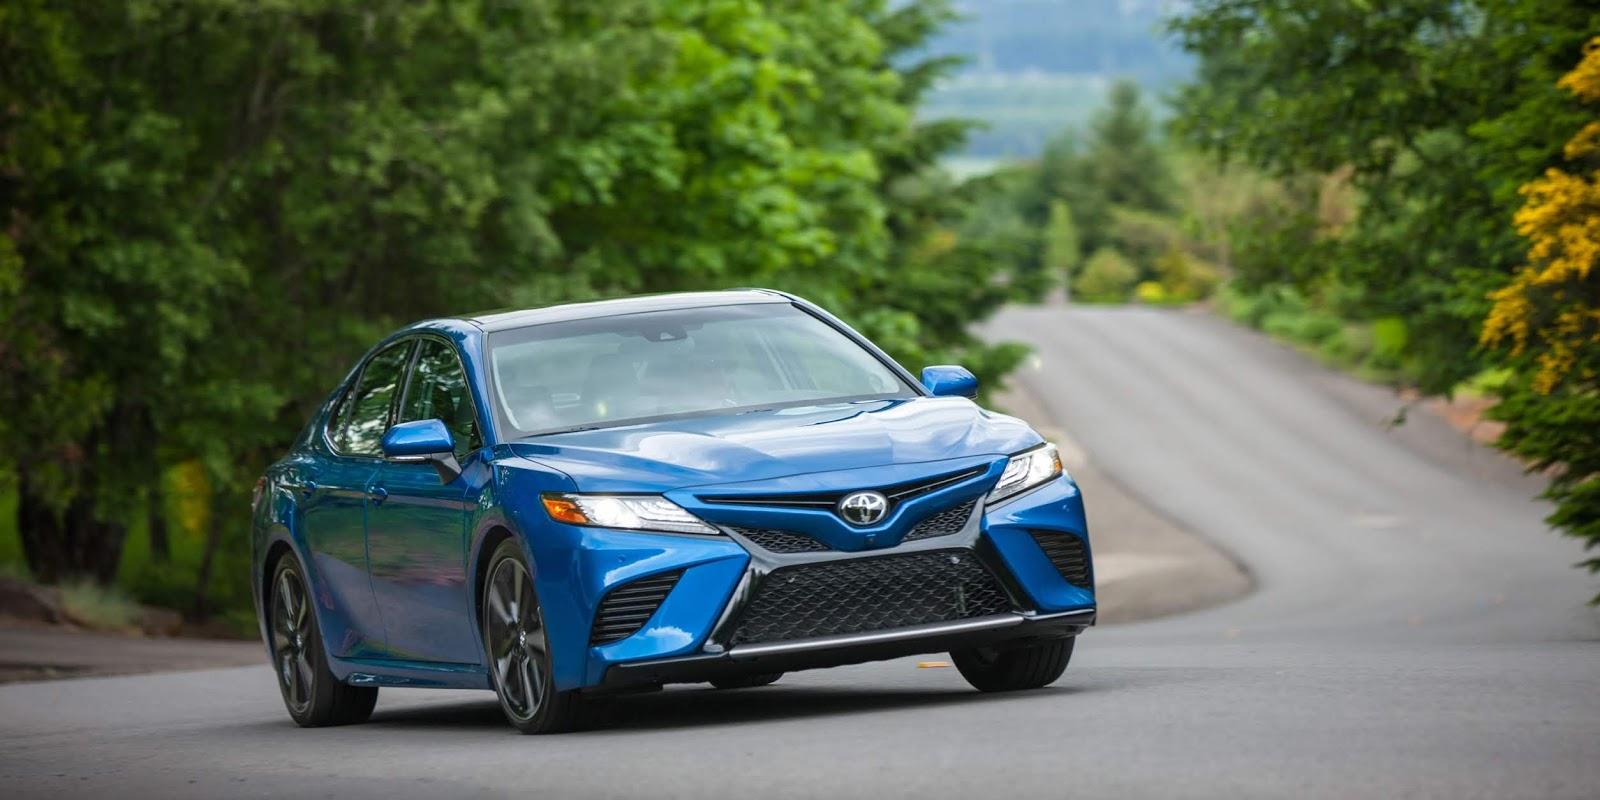 Toyota Camry sebagai Mobil Sedan Pilihan Terbaik